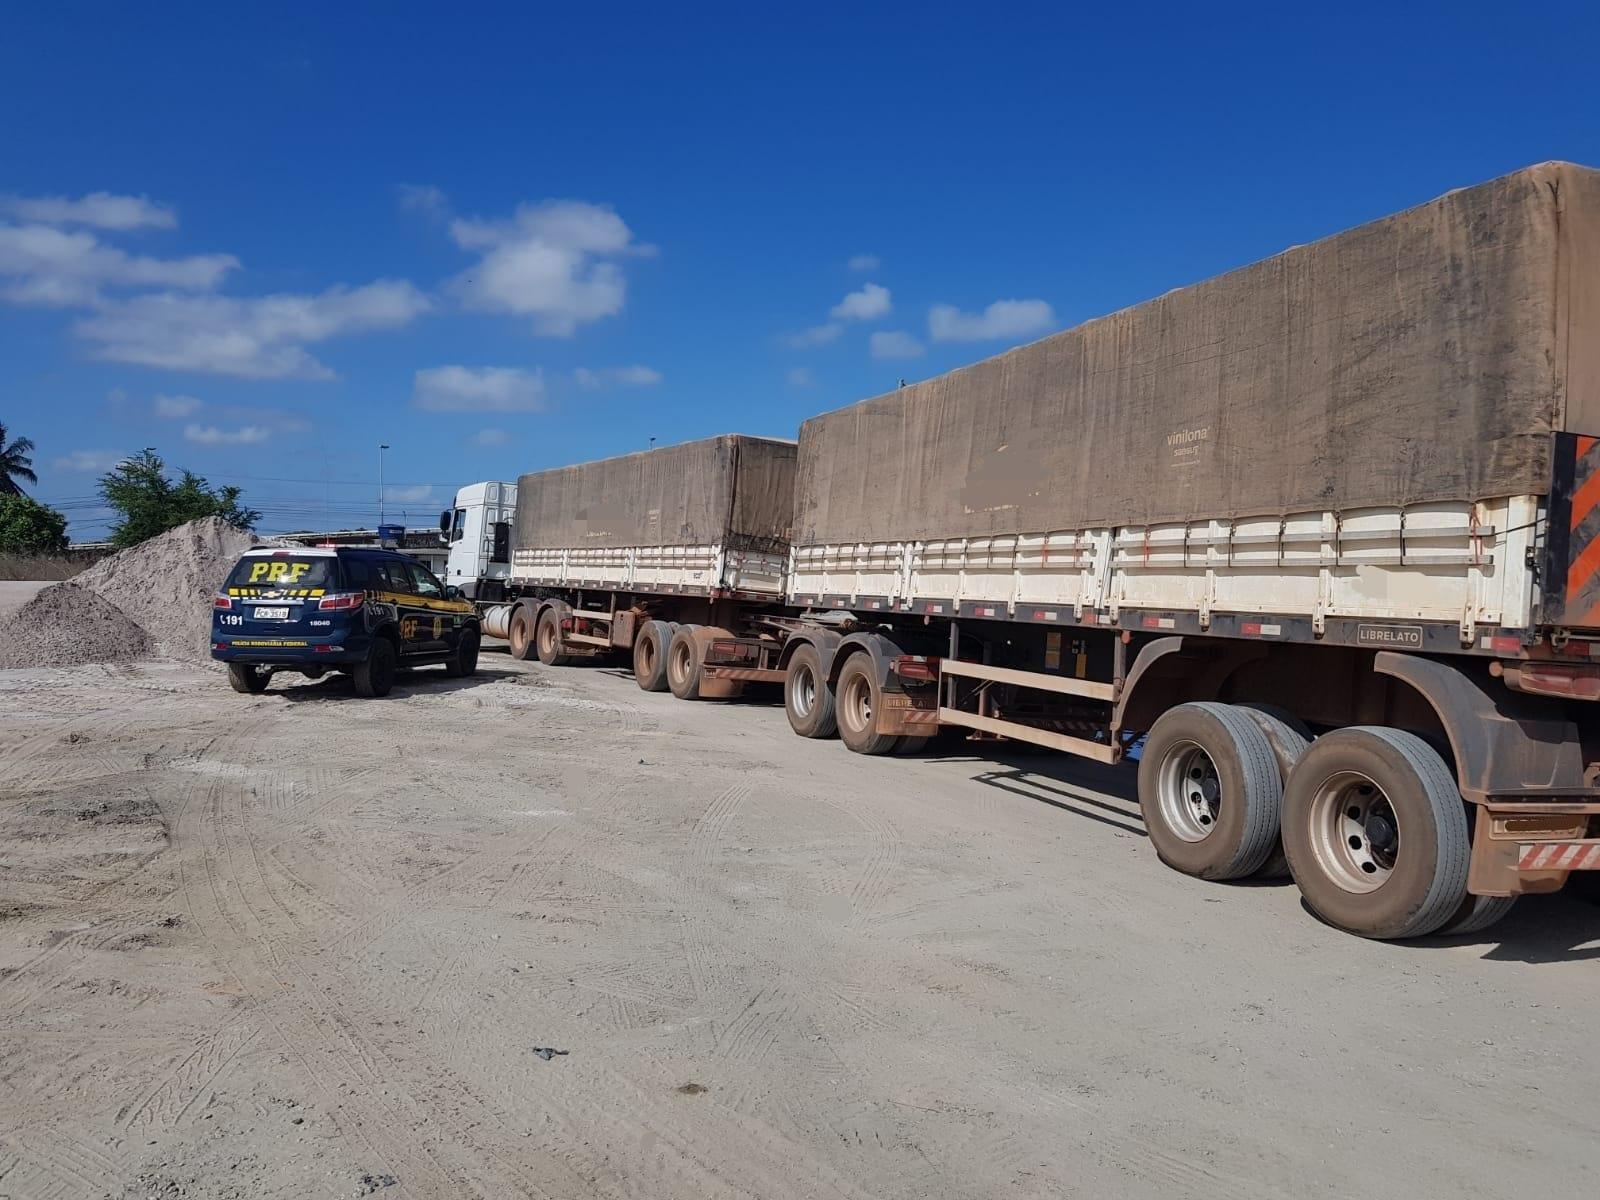 Infração compromete a segurança viária e danifica o asfalto da rodovia. (PRF/Divulgação)